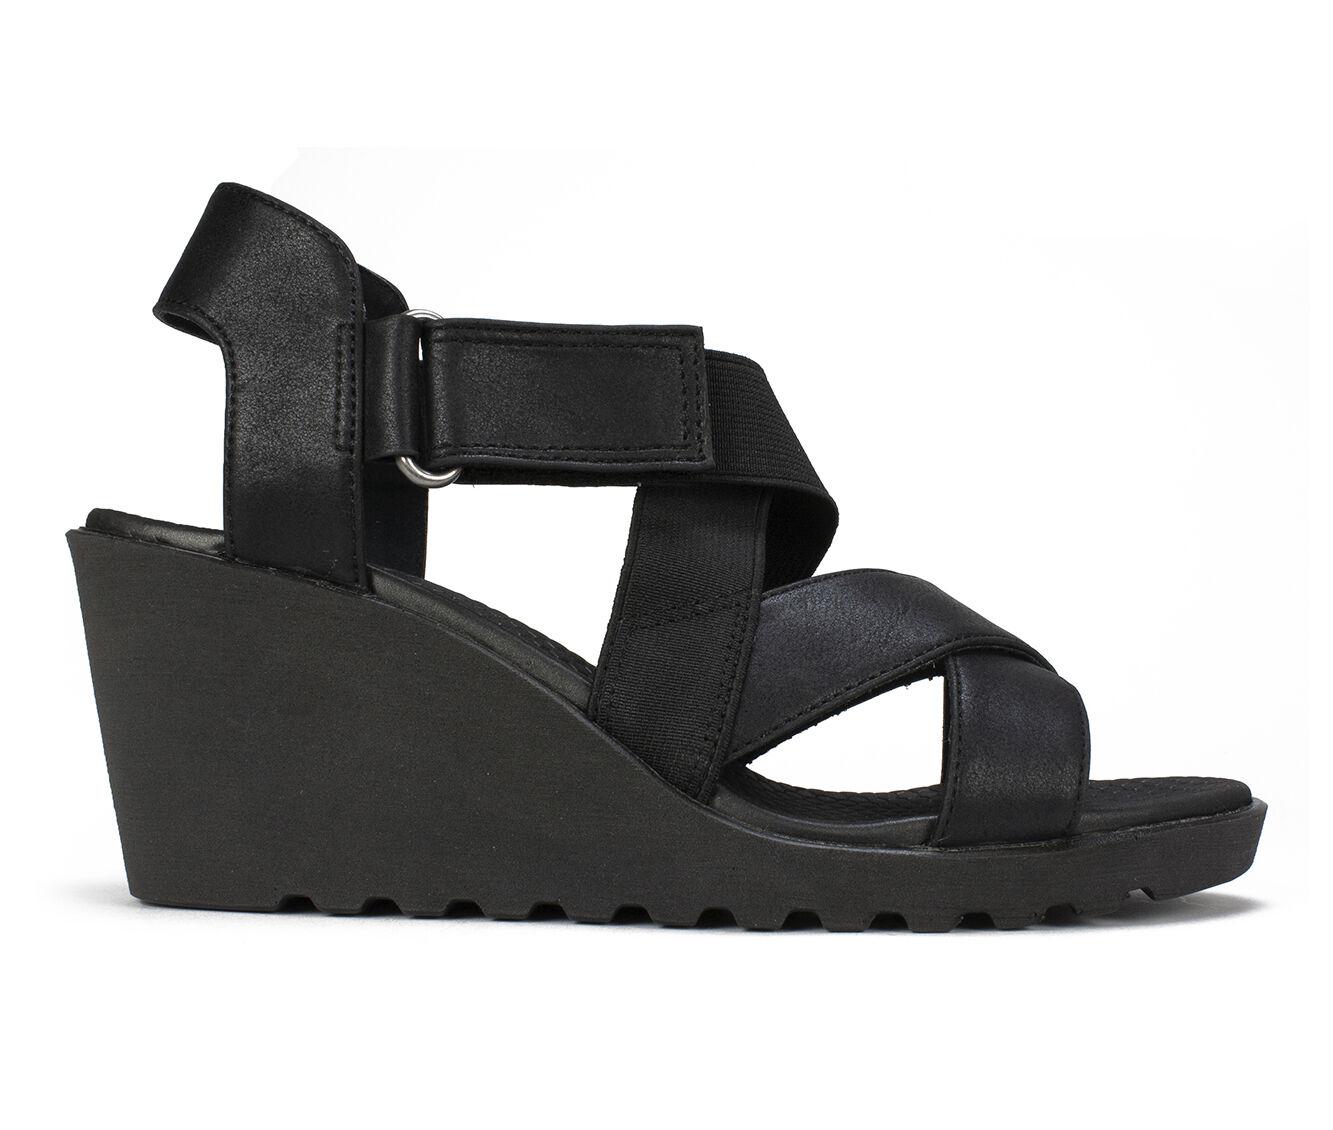 Women's Cliffs Esther Strappy Wedge Sandals Black